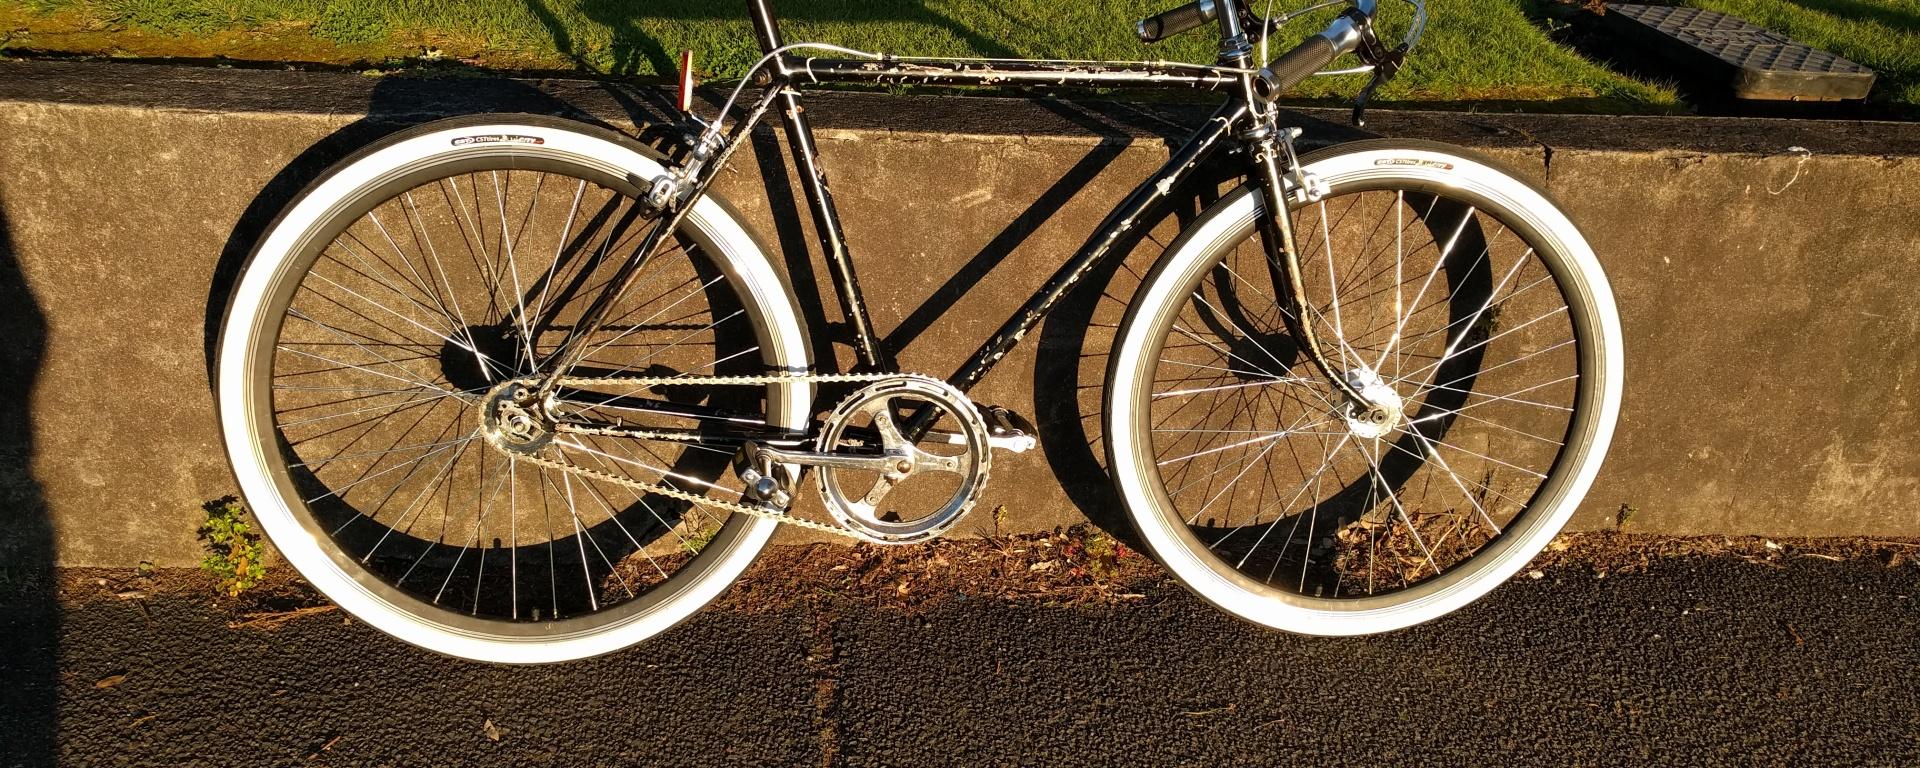 Custom Rat-Bike for Maloney's Barbershop (stage 1) – Joscat